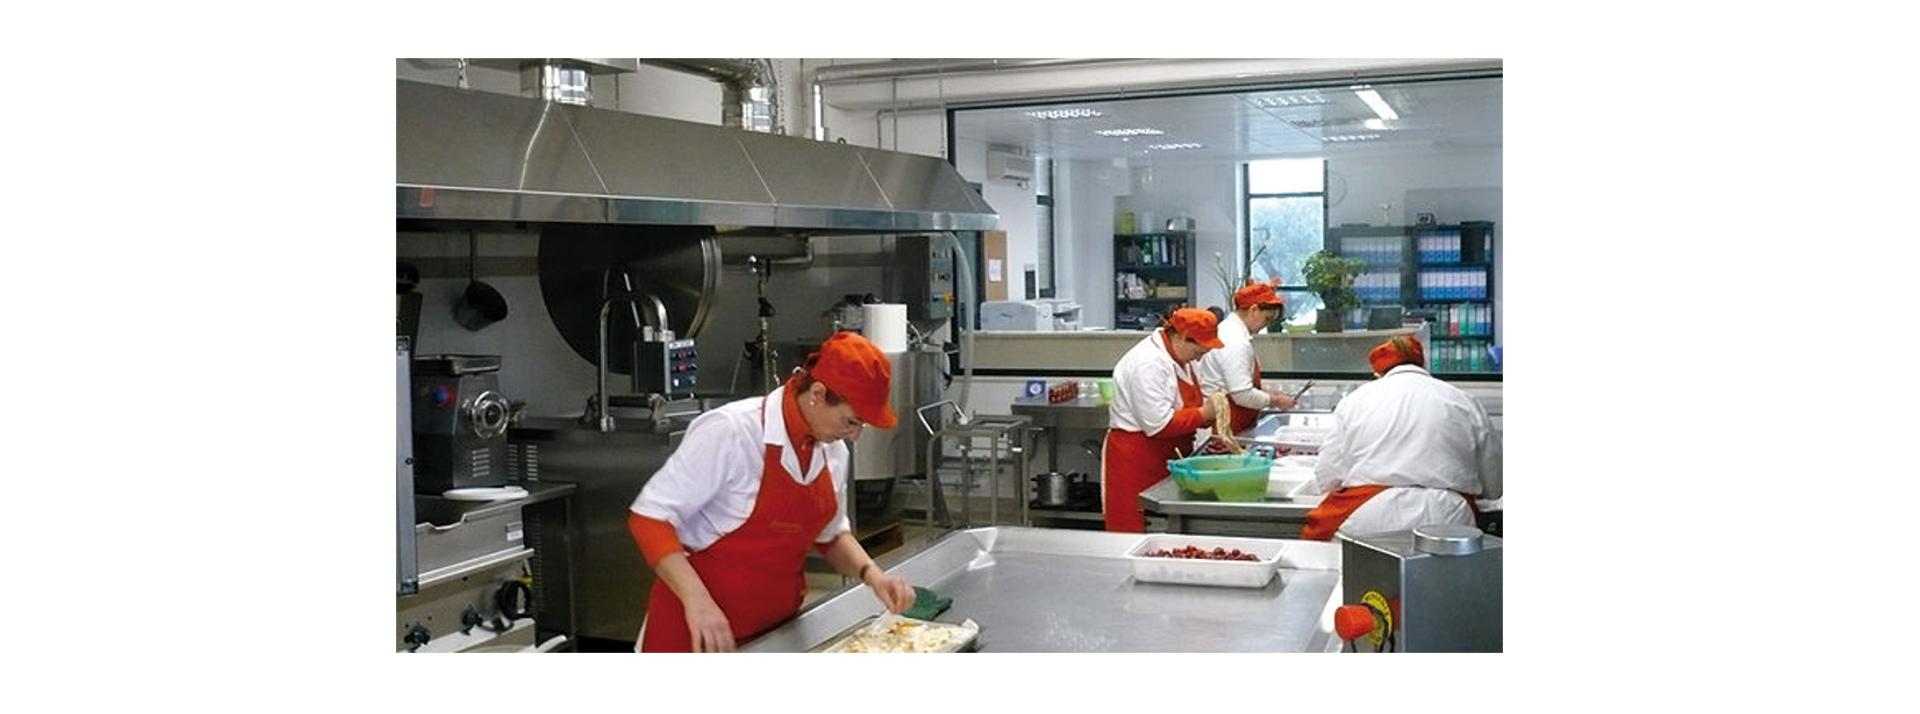 Progetto Ristorazione Progettazione e attrezzature per cucine ...